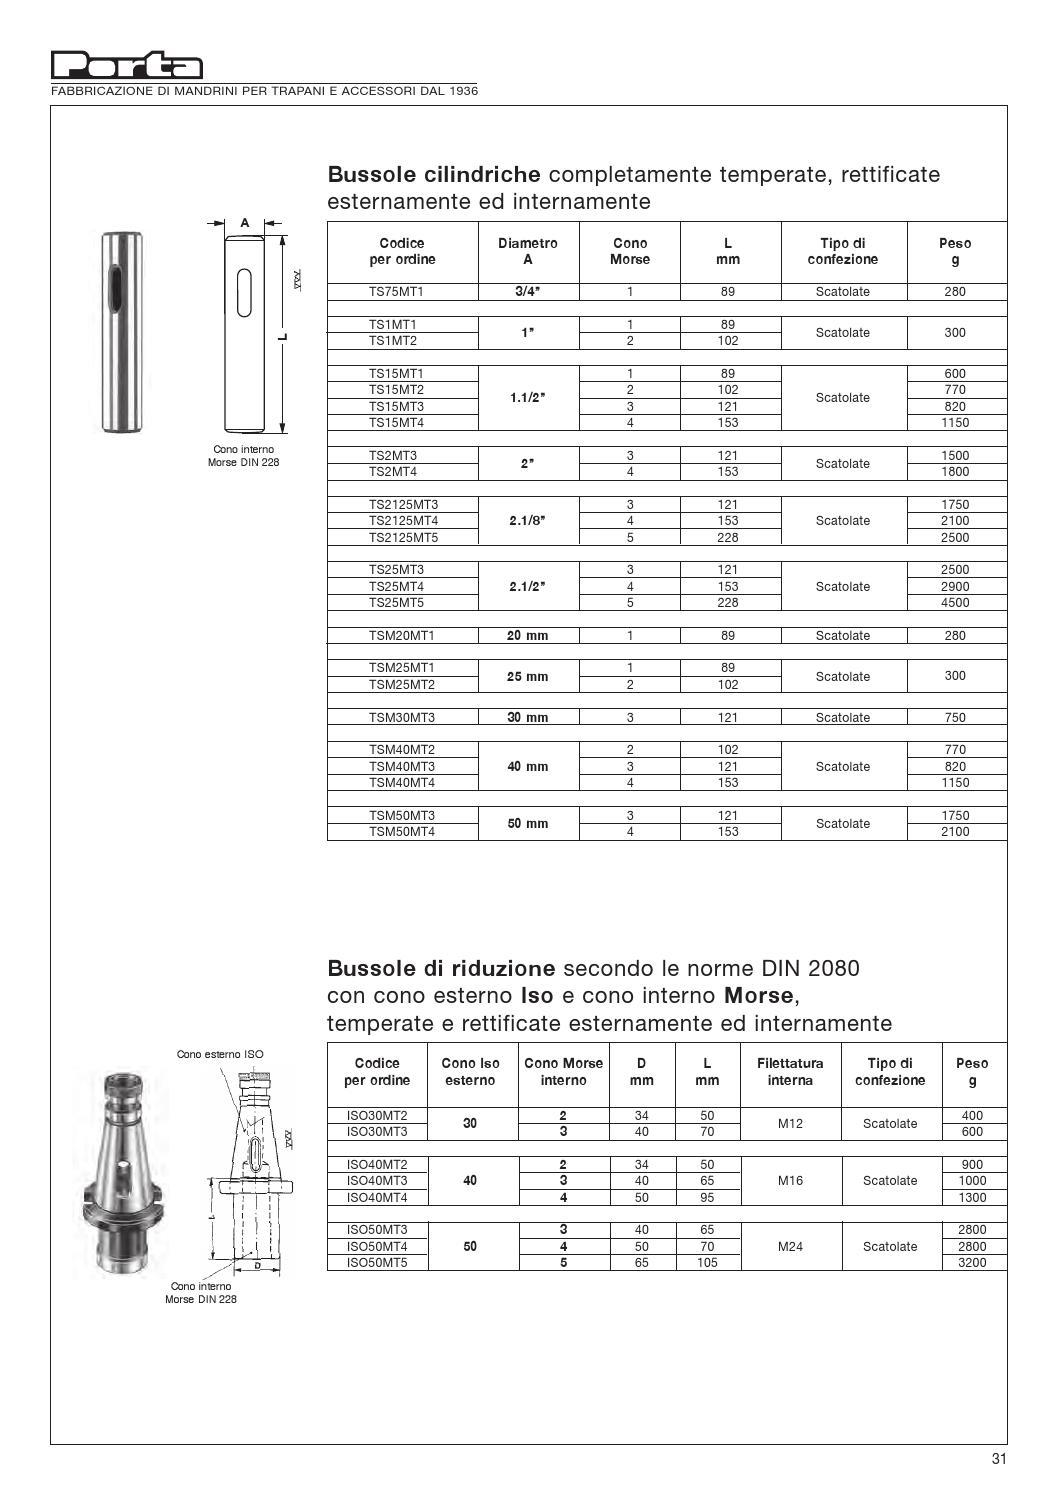 grain bordato webband 2433 funzionamento tranne larghezza 22mm produzione propri